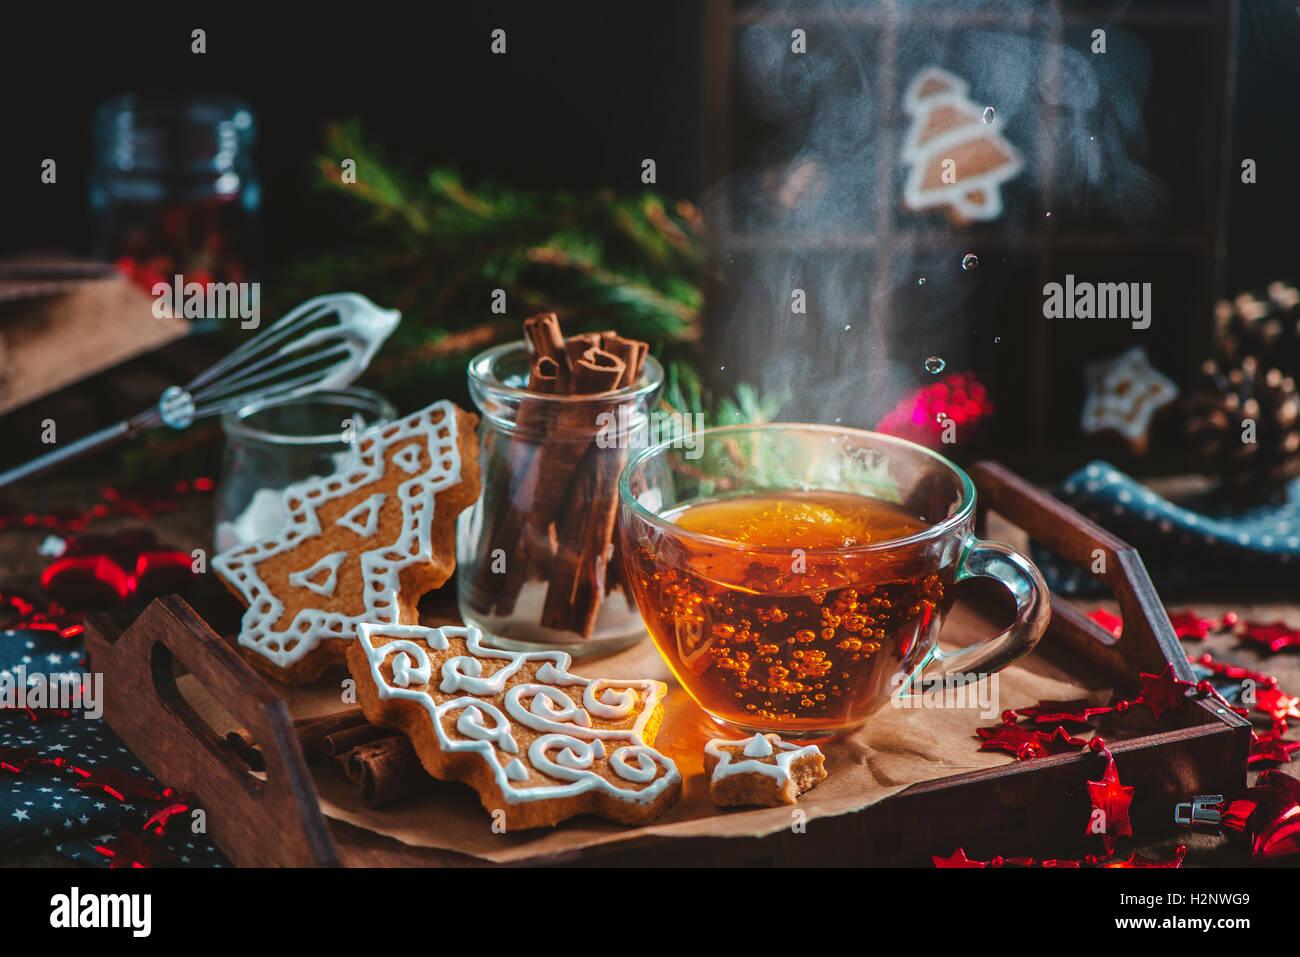 Les biscuits de Noël avec tasse fumante de thé Photo Stock